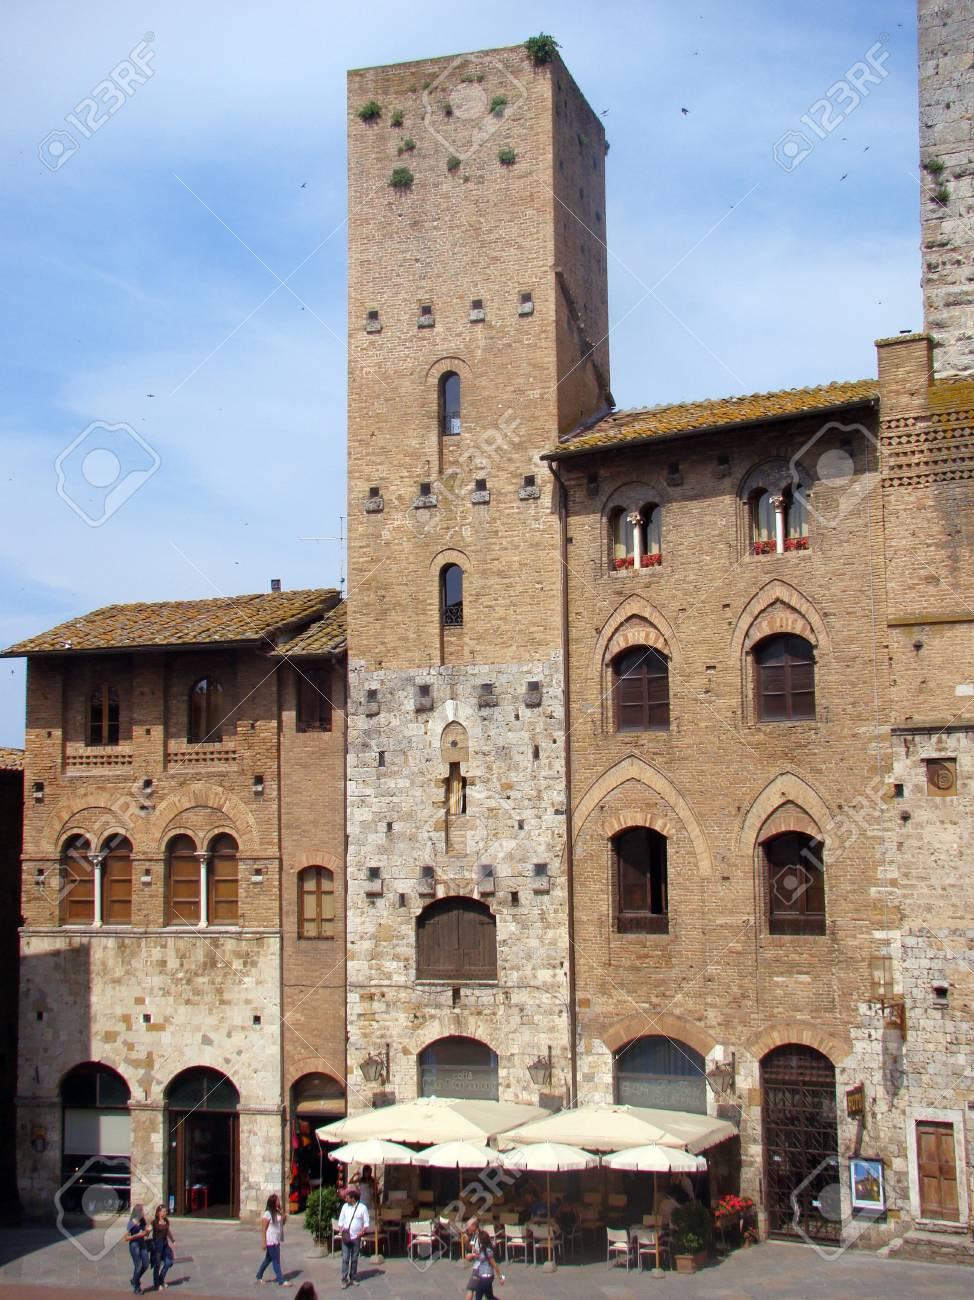 Glimpse of the village of San Gimignano, Tuscany, Italy Stock Photo - 14148435